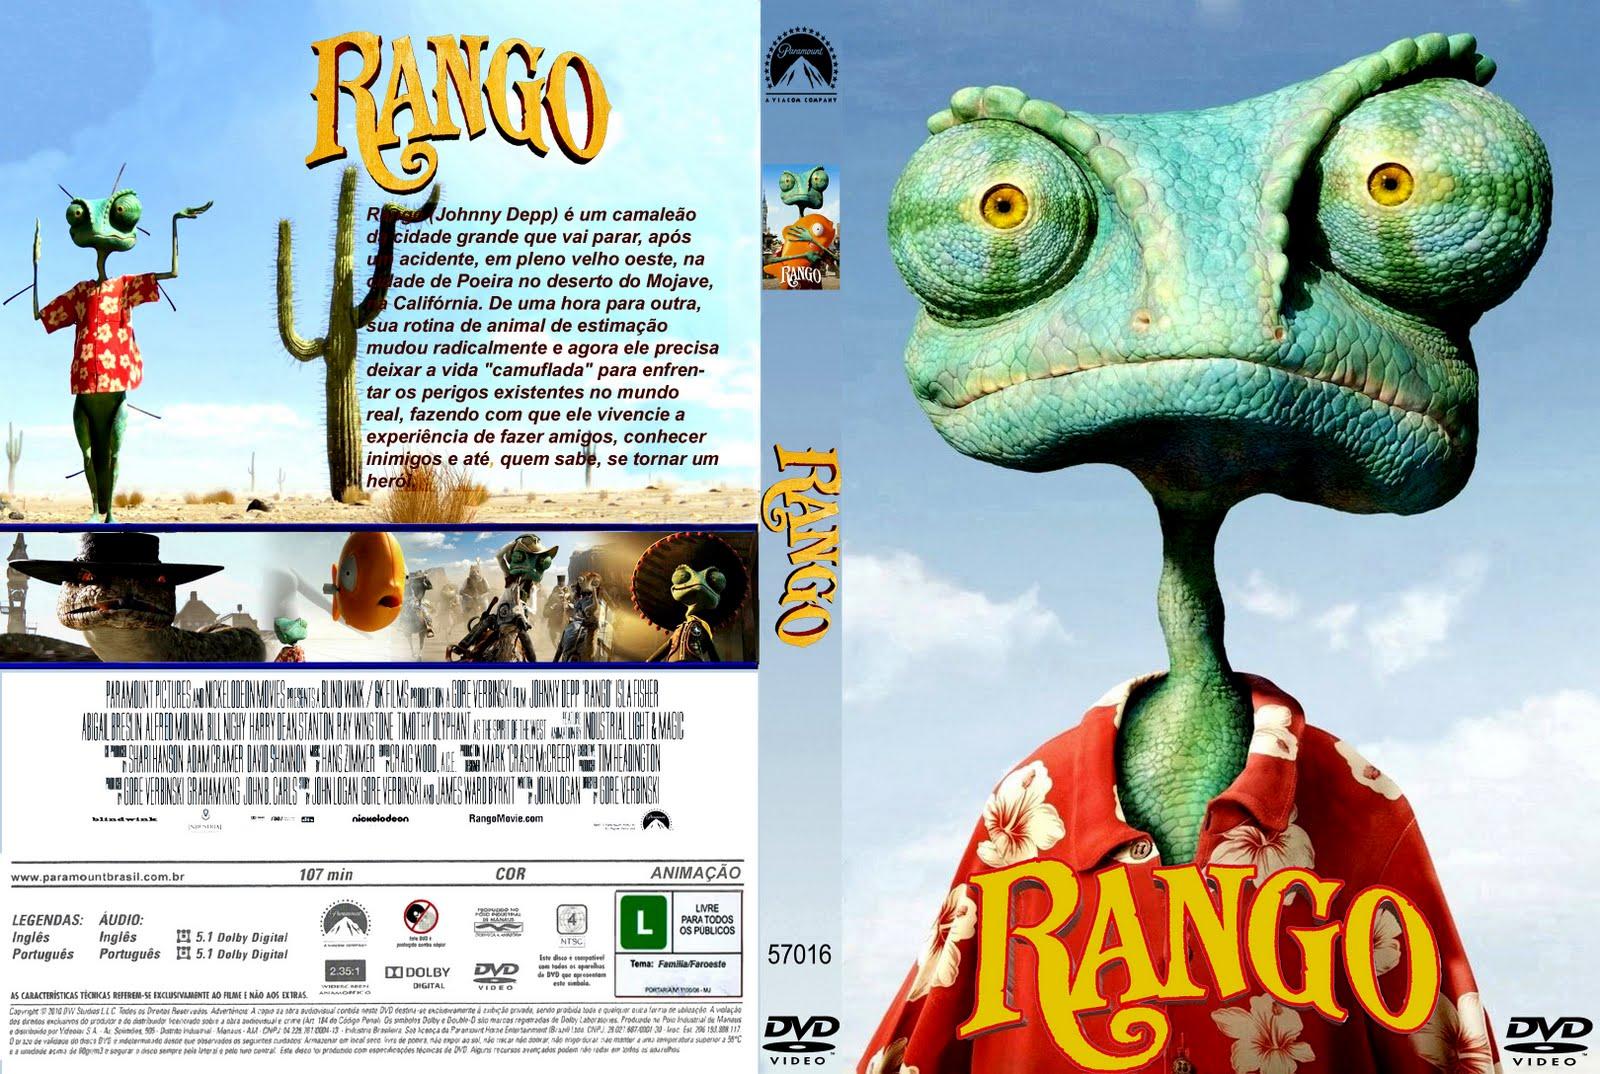 http://2.bp.blogspot.com/-QB7G1vWquaw/TirGELIYyAI/AAAAAAAADac/giGiKnV3UwU/s1600/Rango+capa+cover.jpg